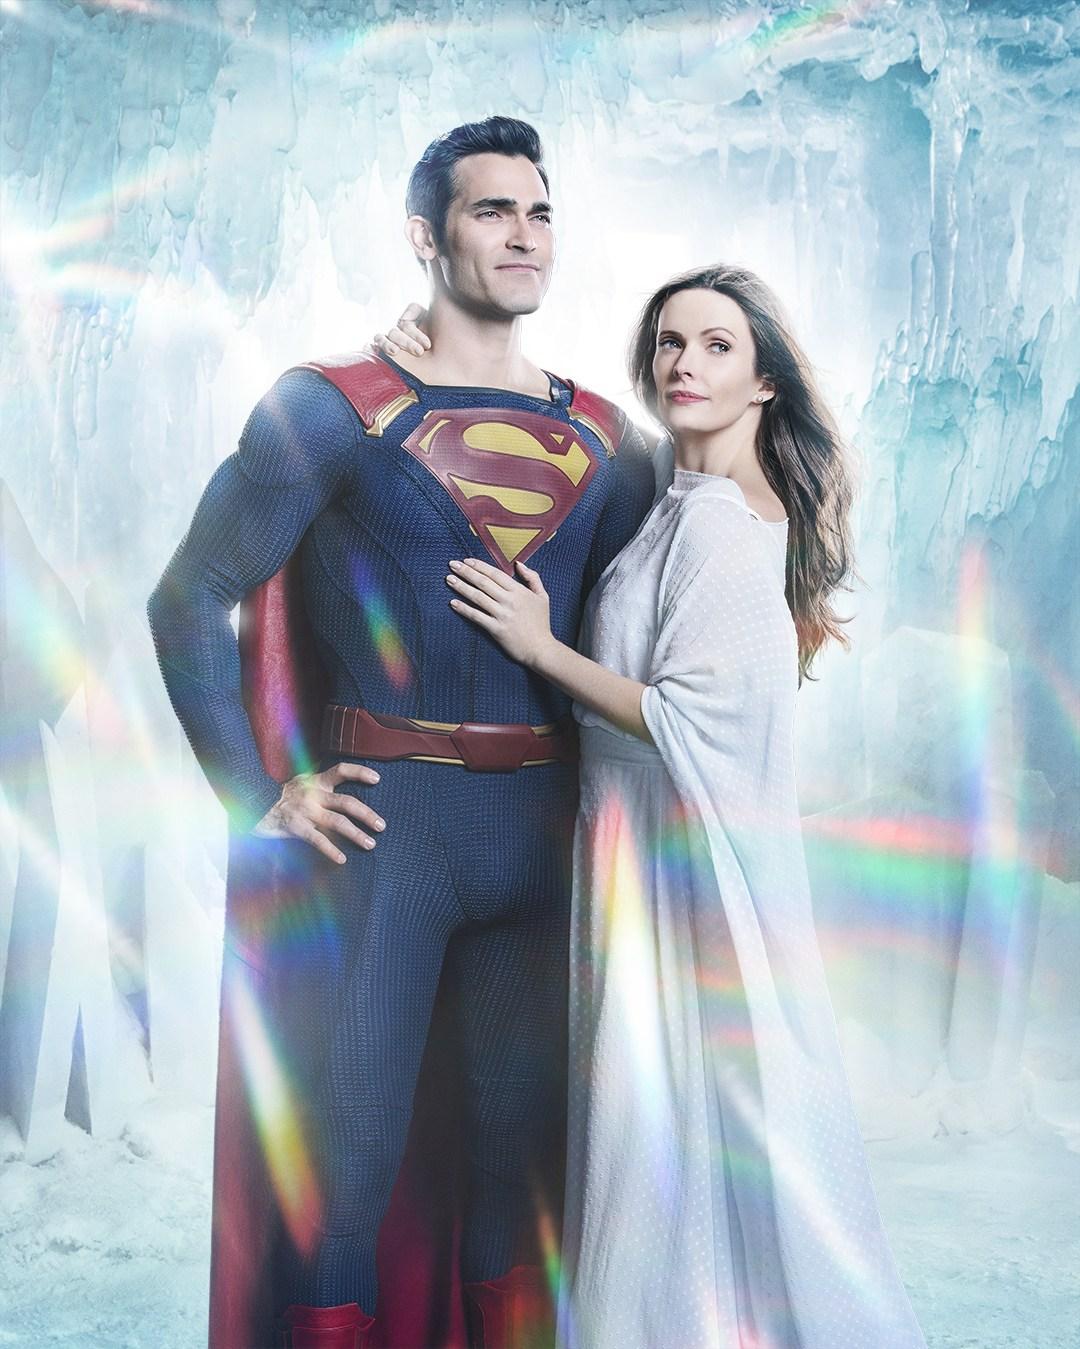 Superman and Lois, nouvelle série en développement